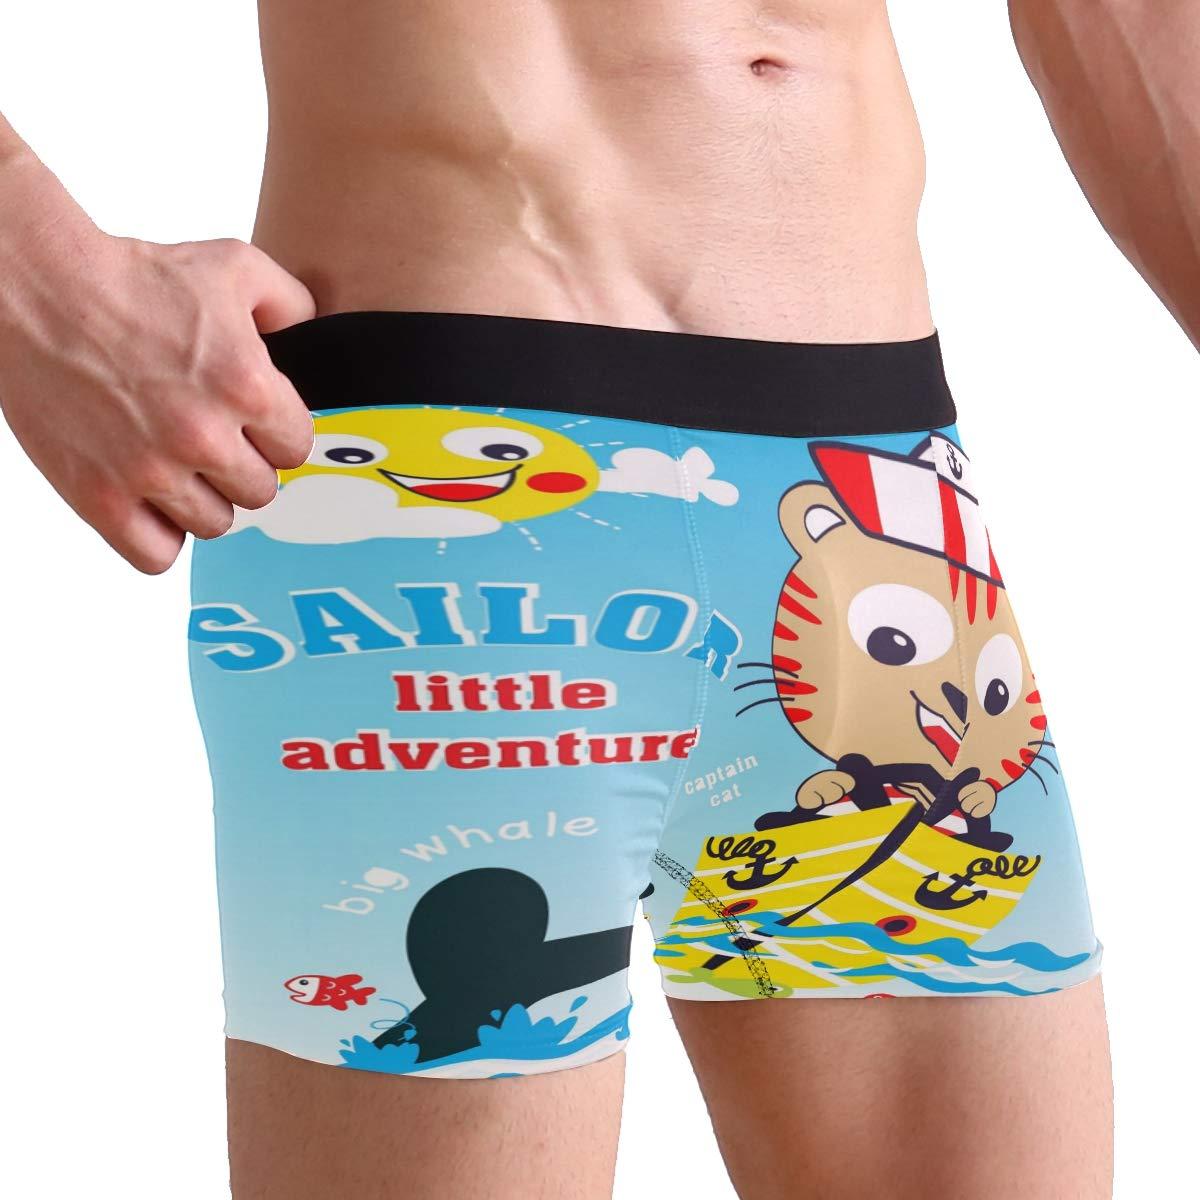 Men Boxer Briefs Polyester Underwear Men 2 Pack Boxer Briefs for Valentines Day with Sailor Adventure Pattern